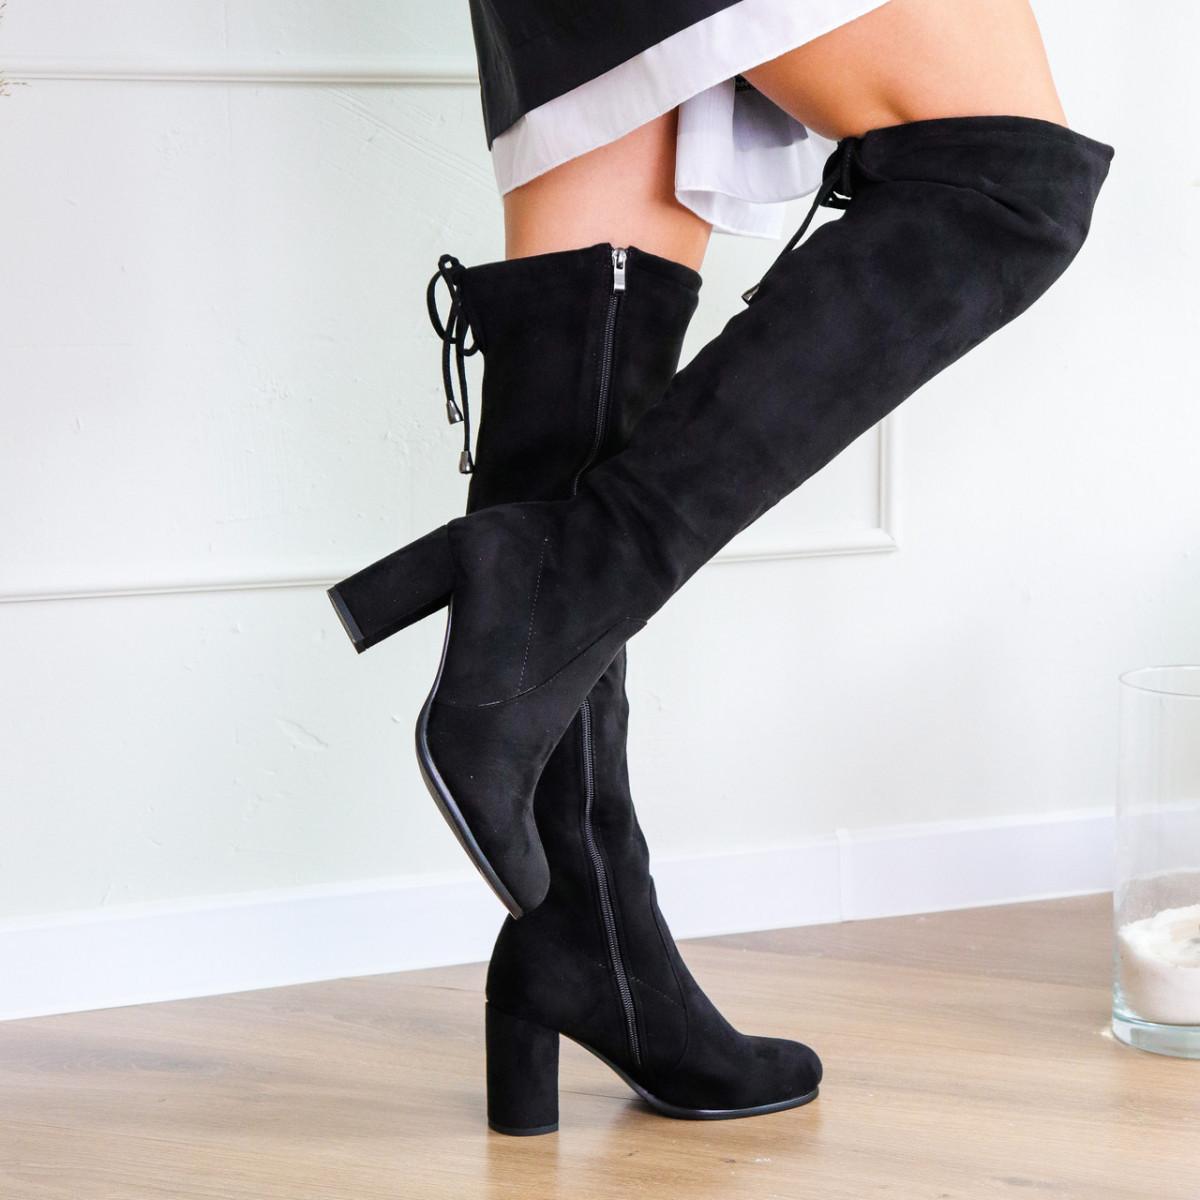 Ботфорты женские Fashion Kawii 2284 37 размер 24 см Черный